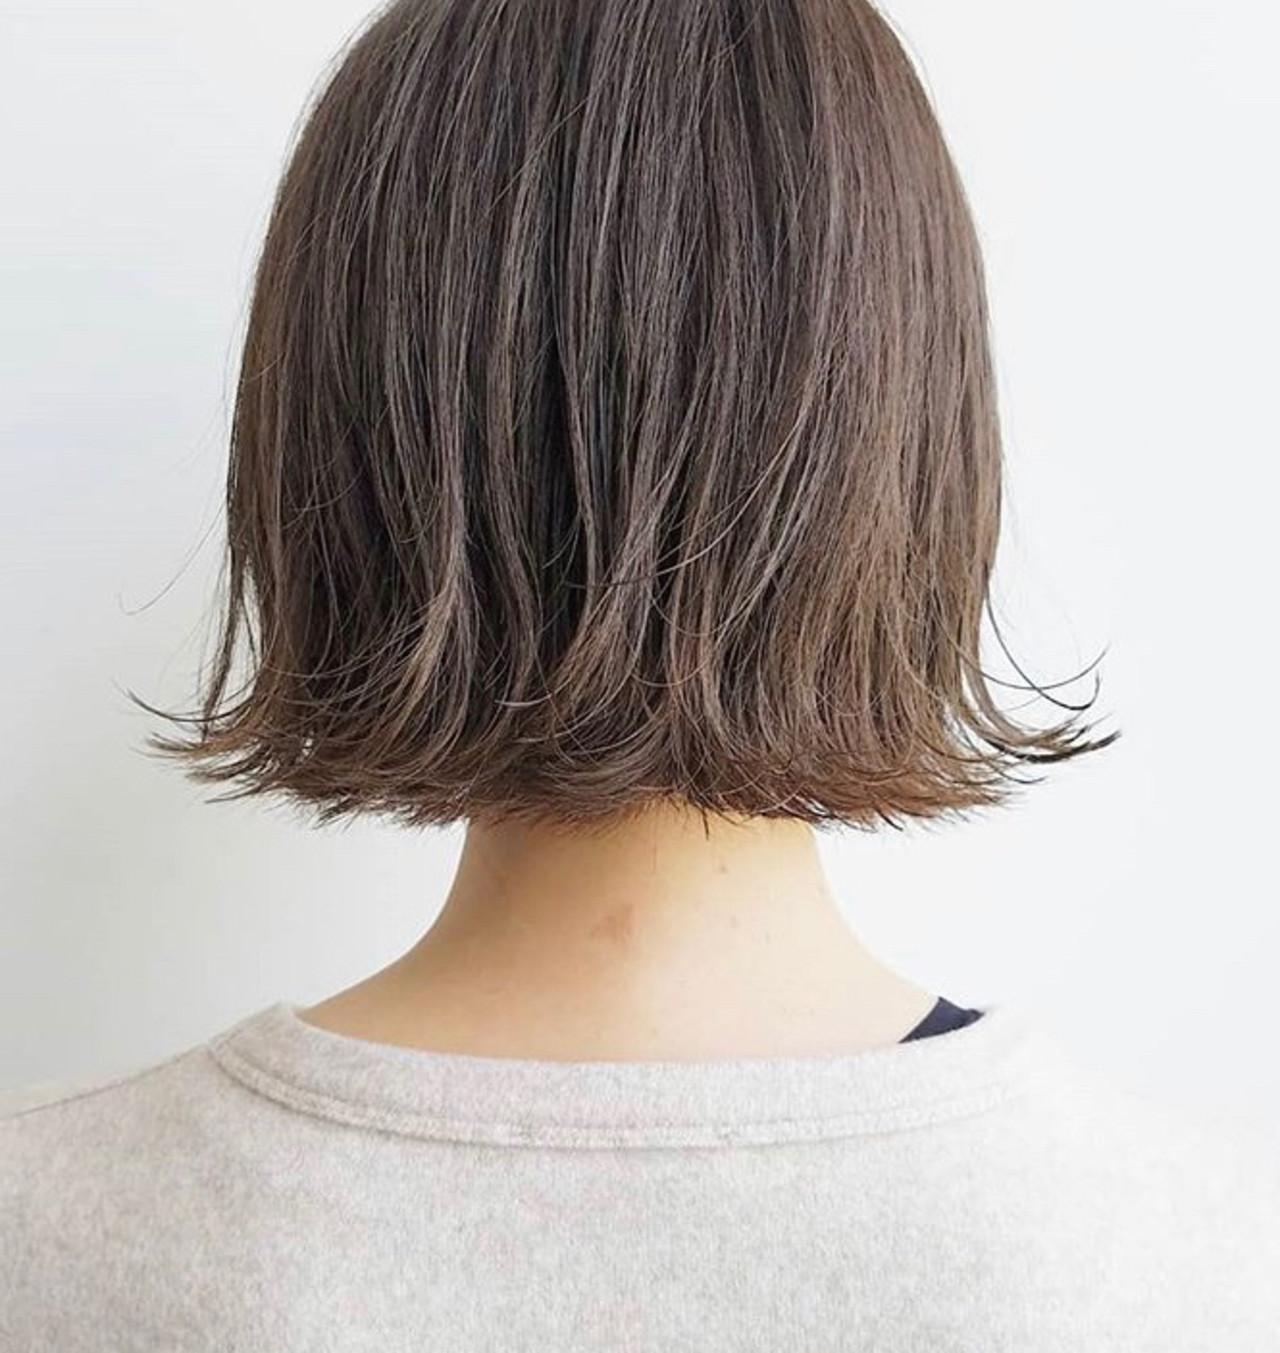 ミルクティーベージュ ミルクティーアッシュ ボブ ミルクティーグレージュ ヘアスタイルや髪型の写真・画像 | 山室亮太 / velta